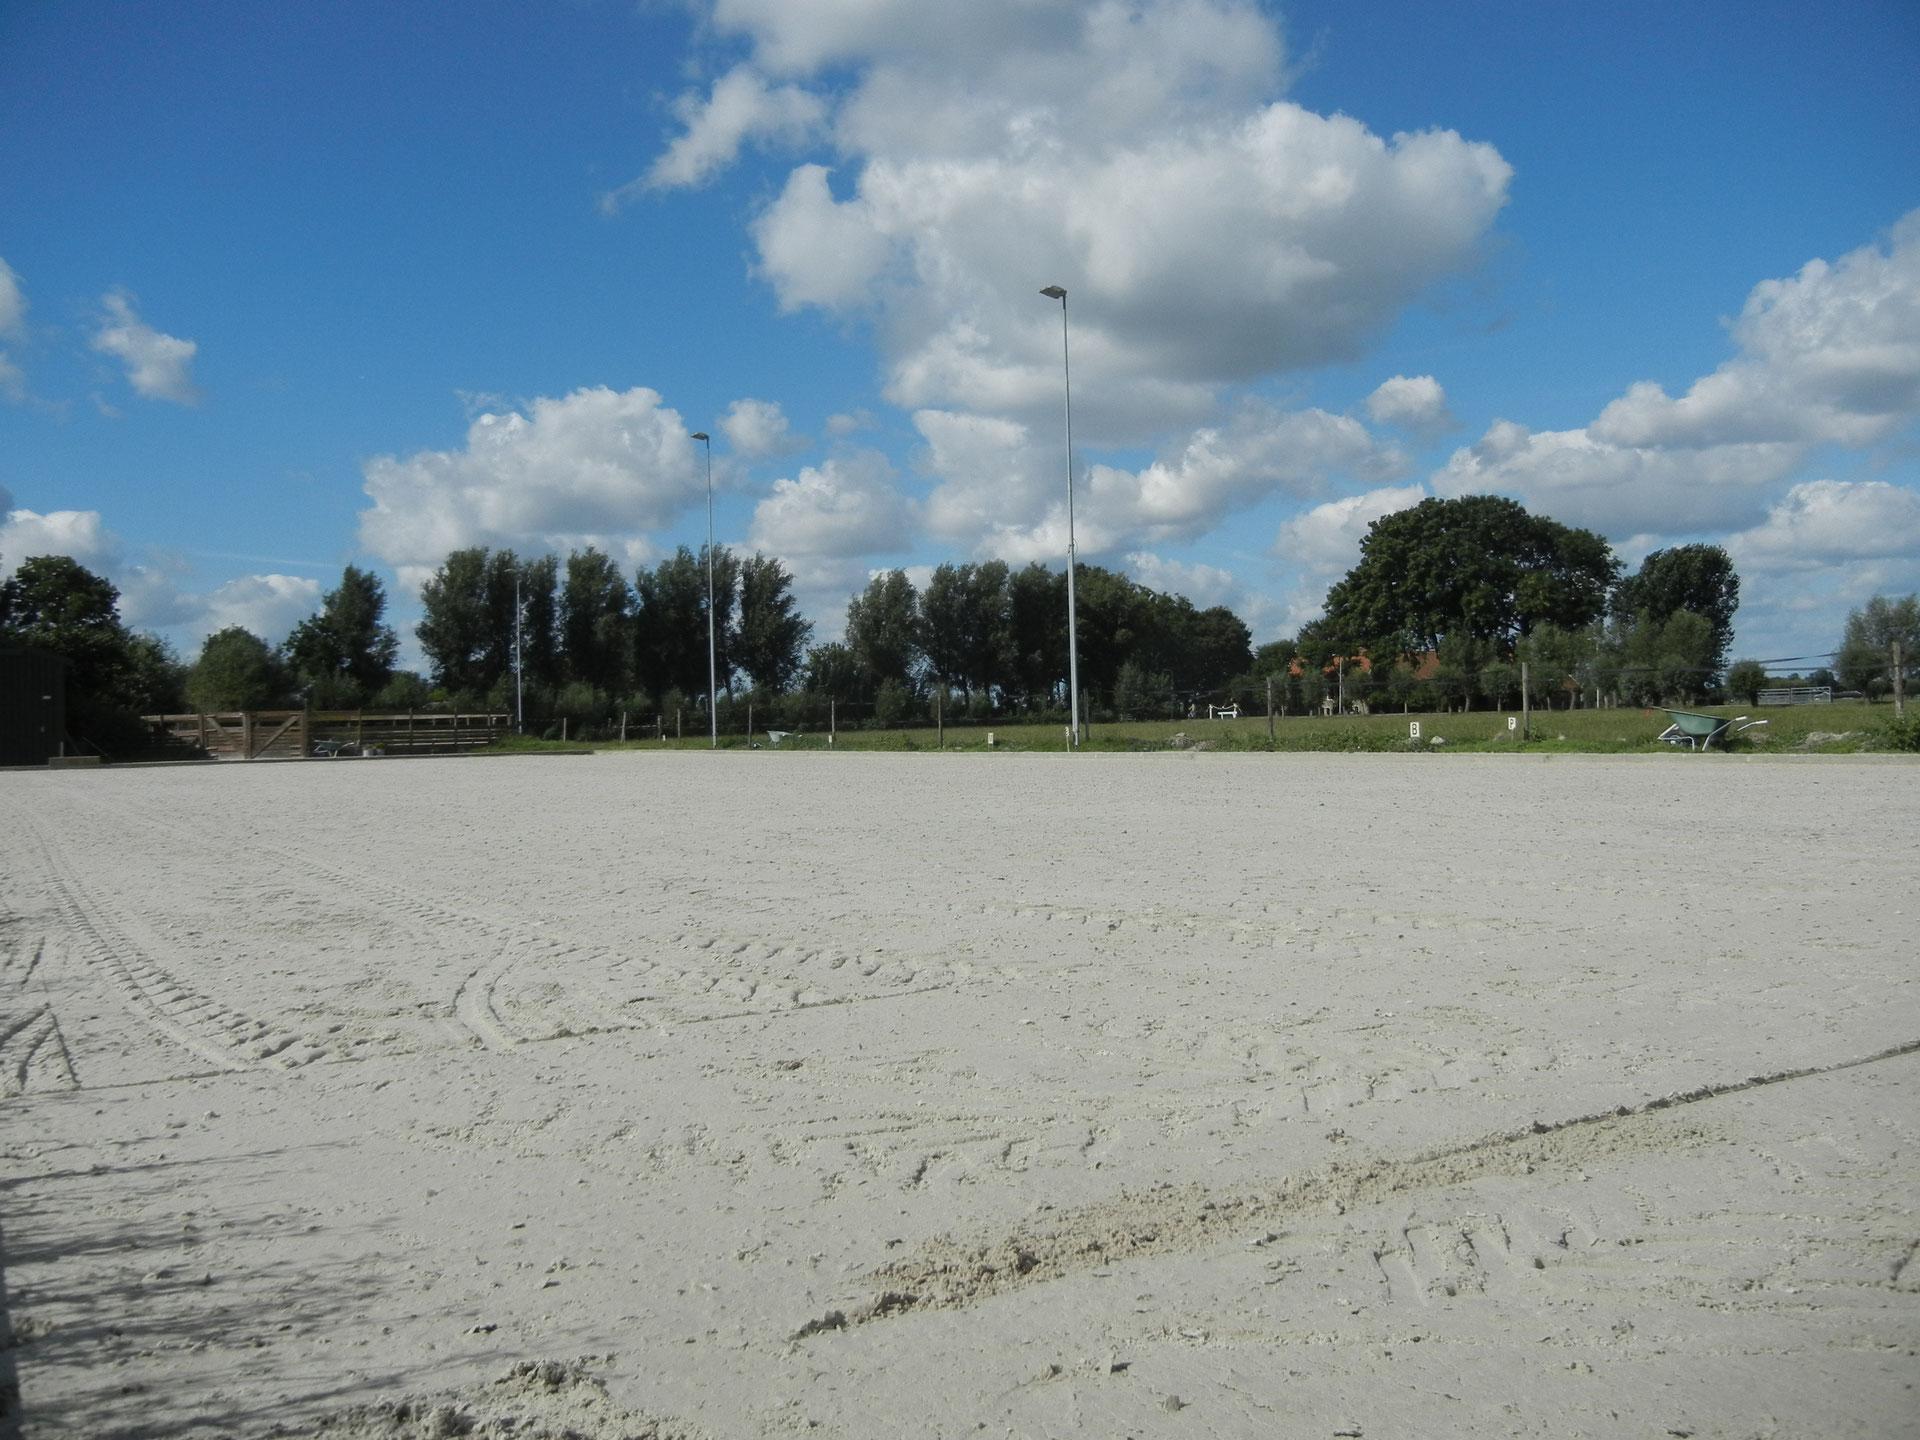 (c) Olsthoornstables.nl